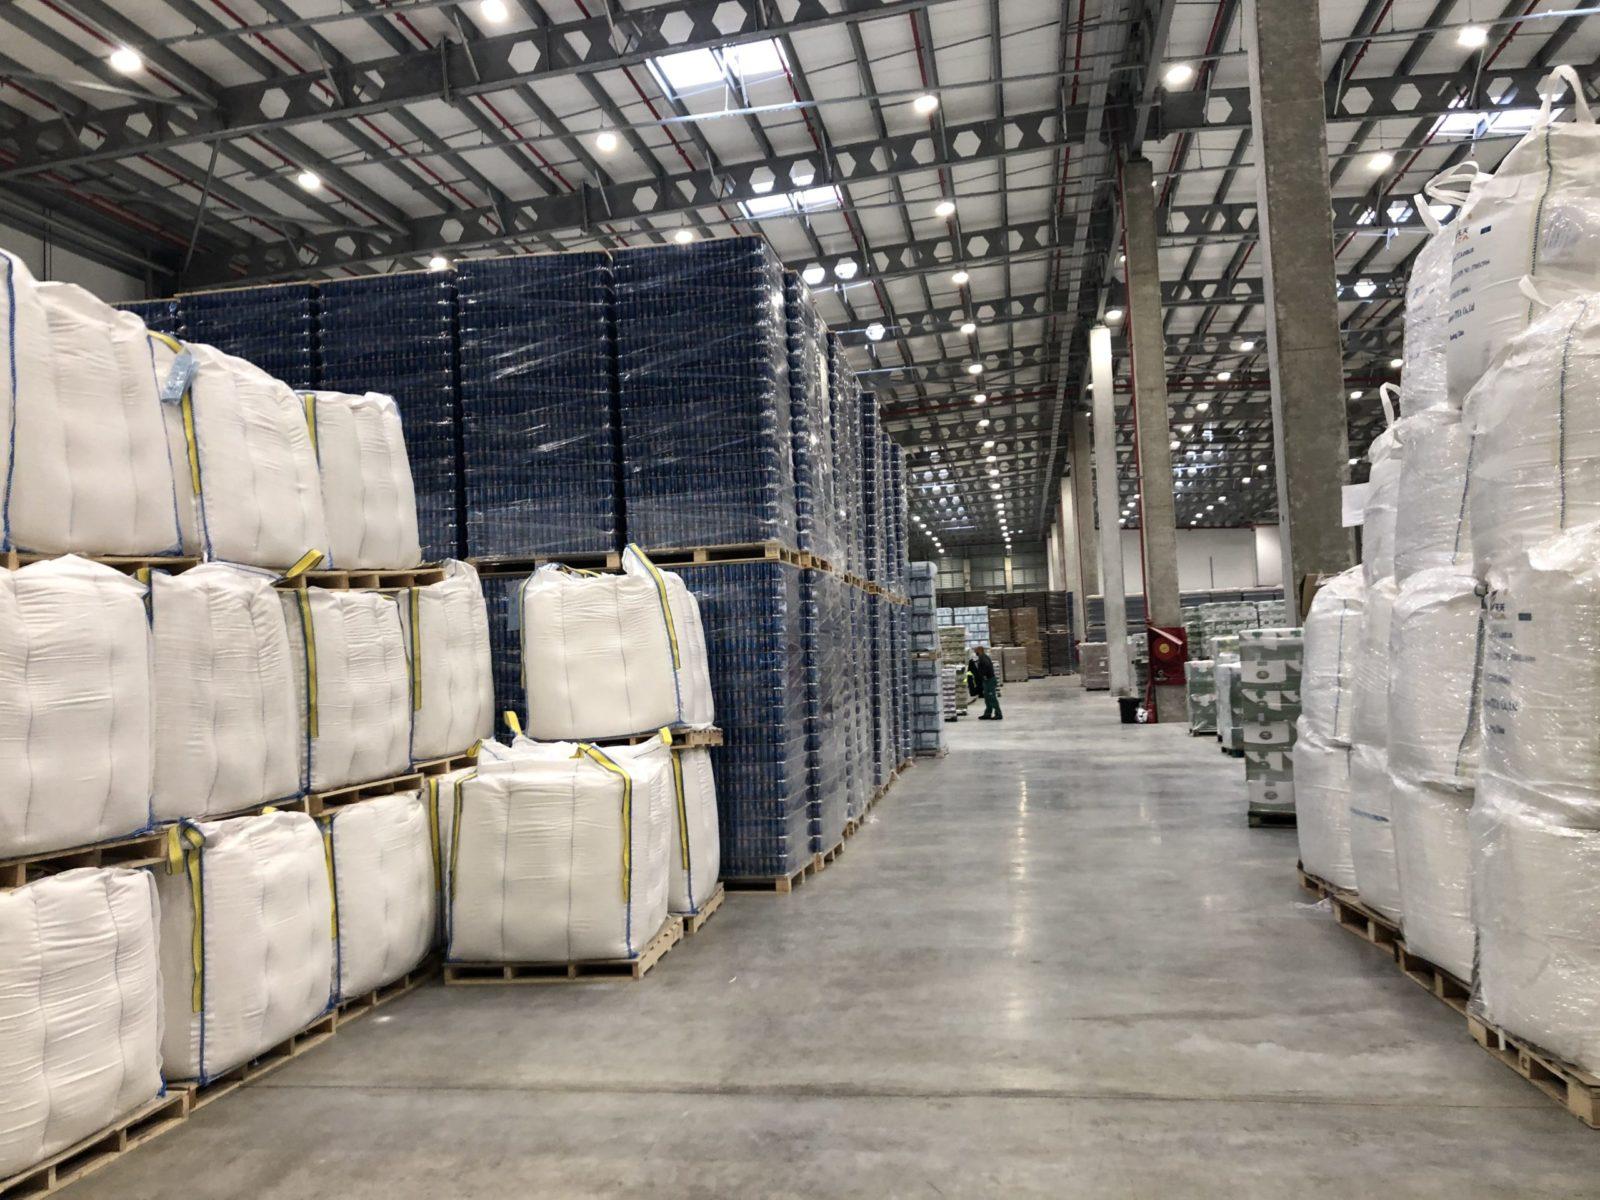 מחסן מקורה לאחסנת סחורות